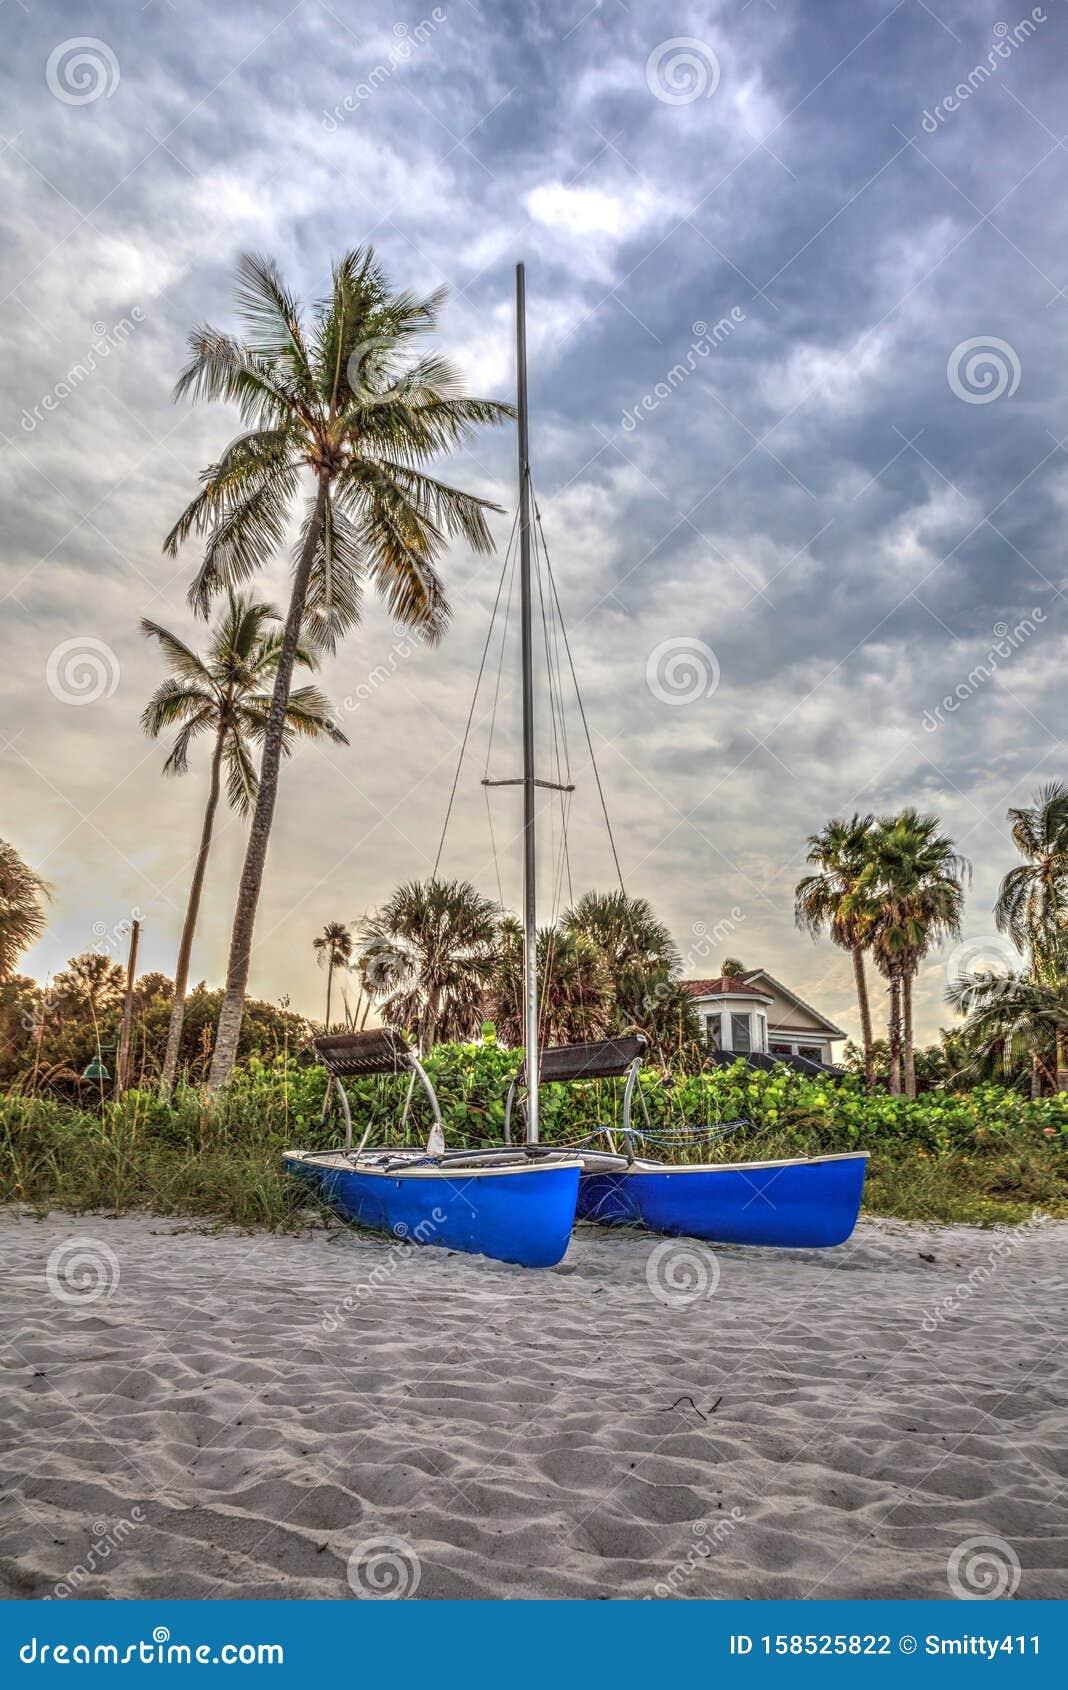 White Sand Boat